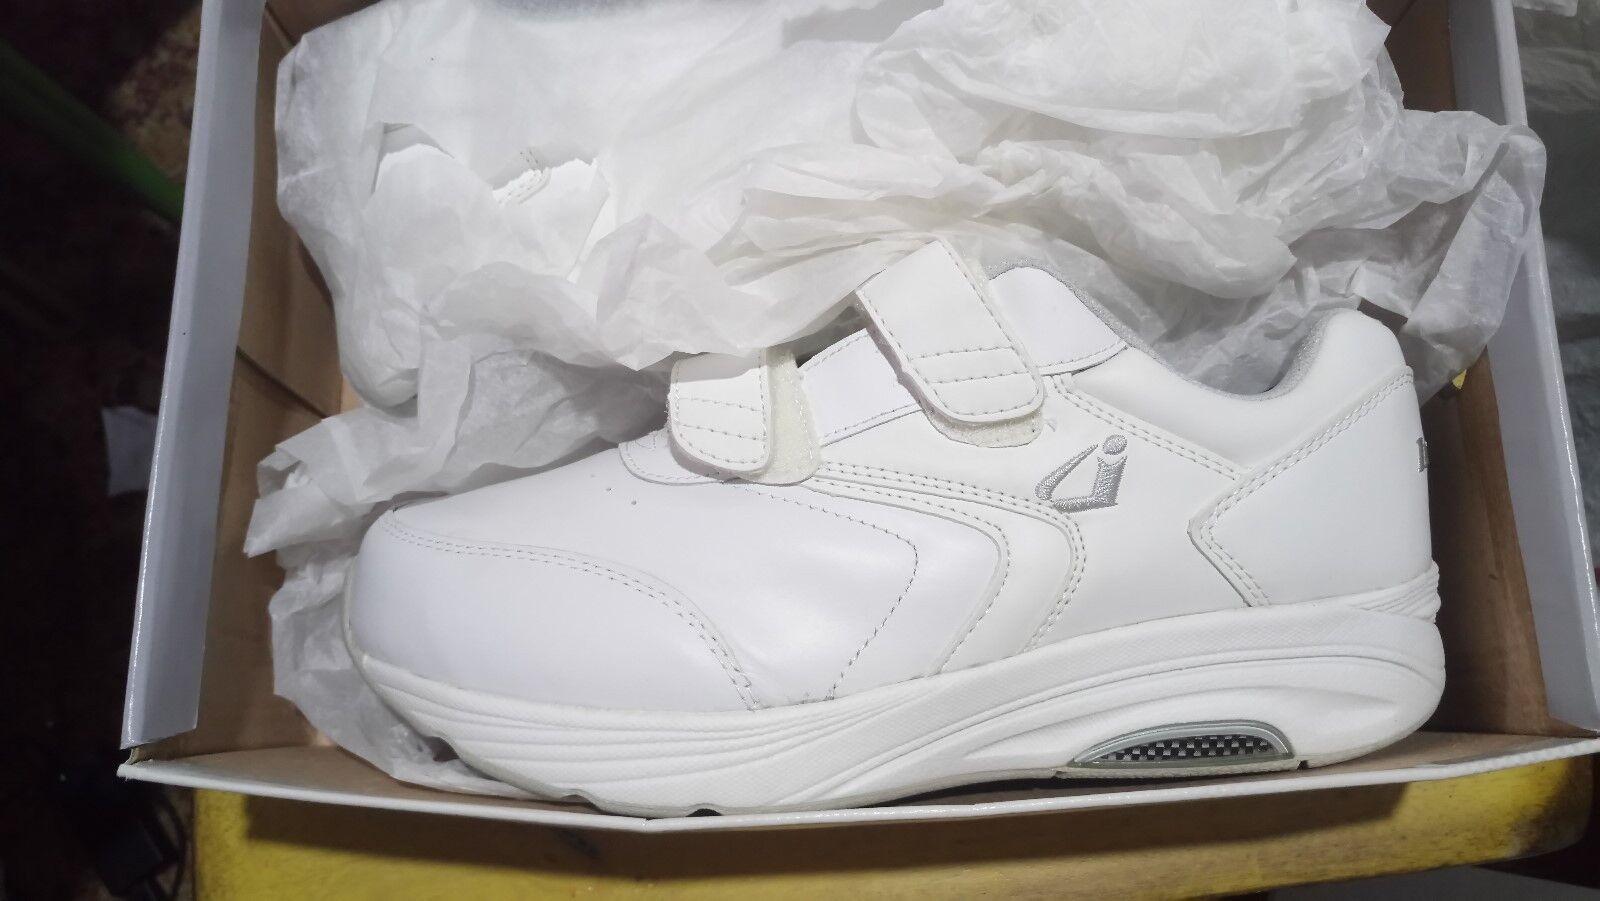 Instrito Newport Strap Leather bianca donna  scarpe Ortopedia Diabetica Nuovo  il più economico